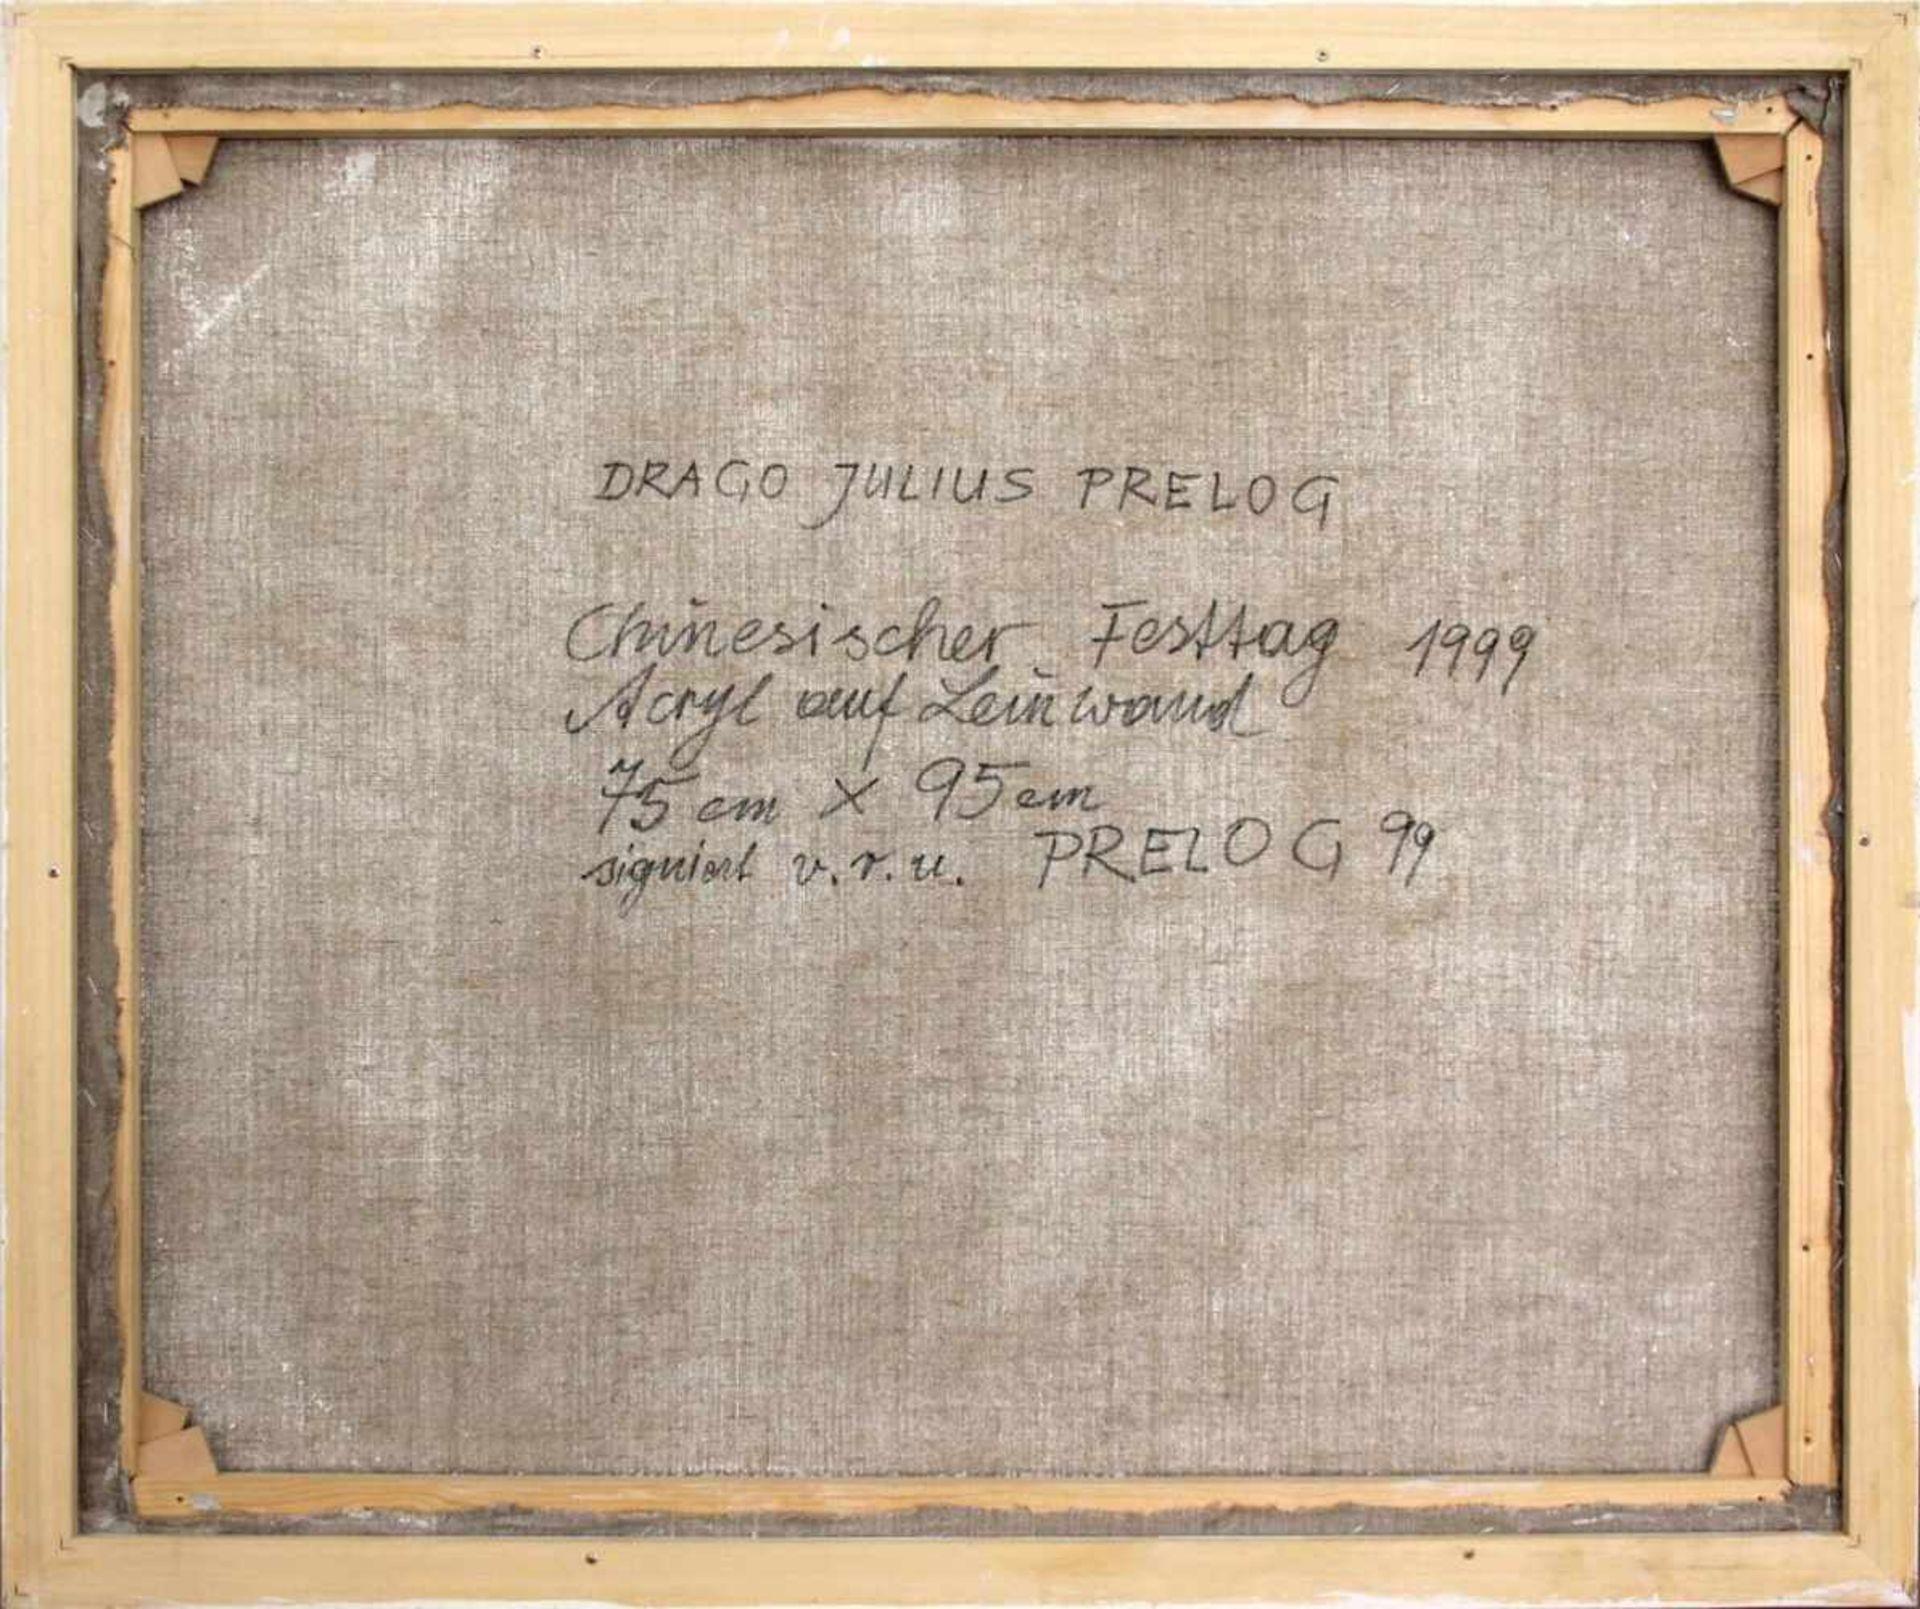 Drago Prelog geb. 1939 Chinesischer Festtag 1999 Acryl auf Leinwand handsigniert und datiert - Bild 3 aus 4